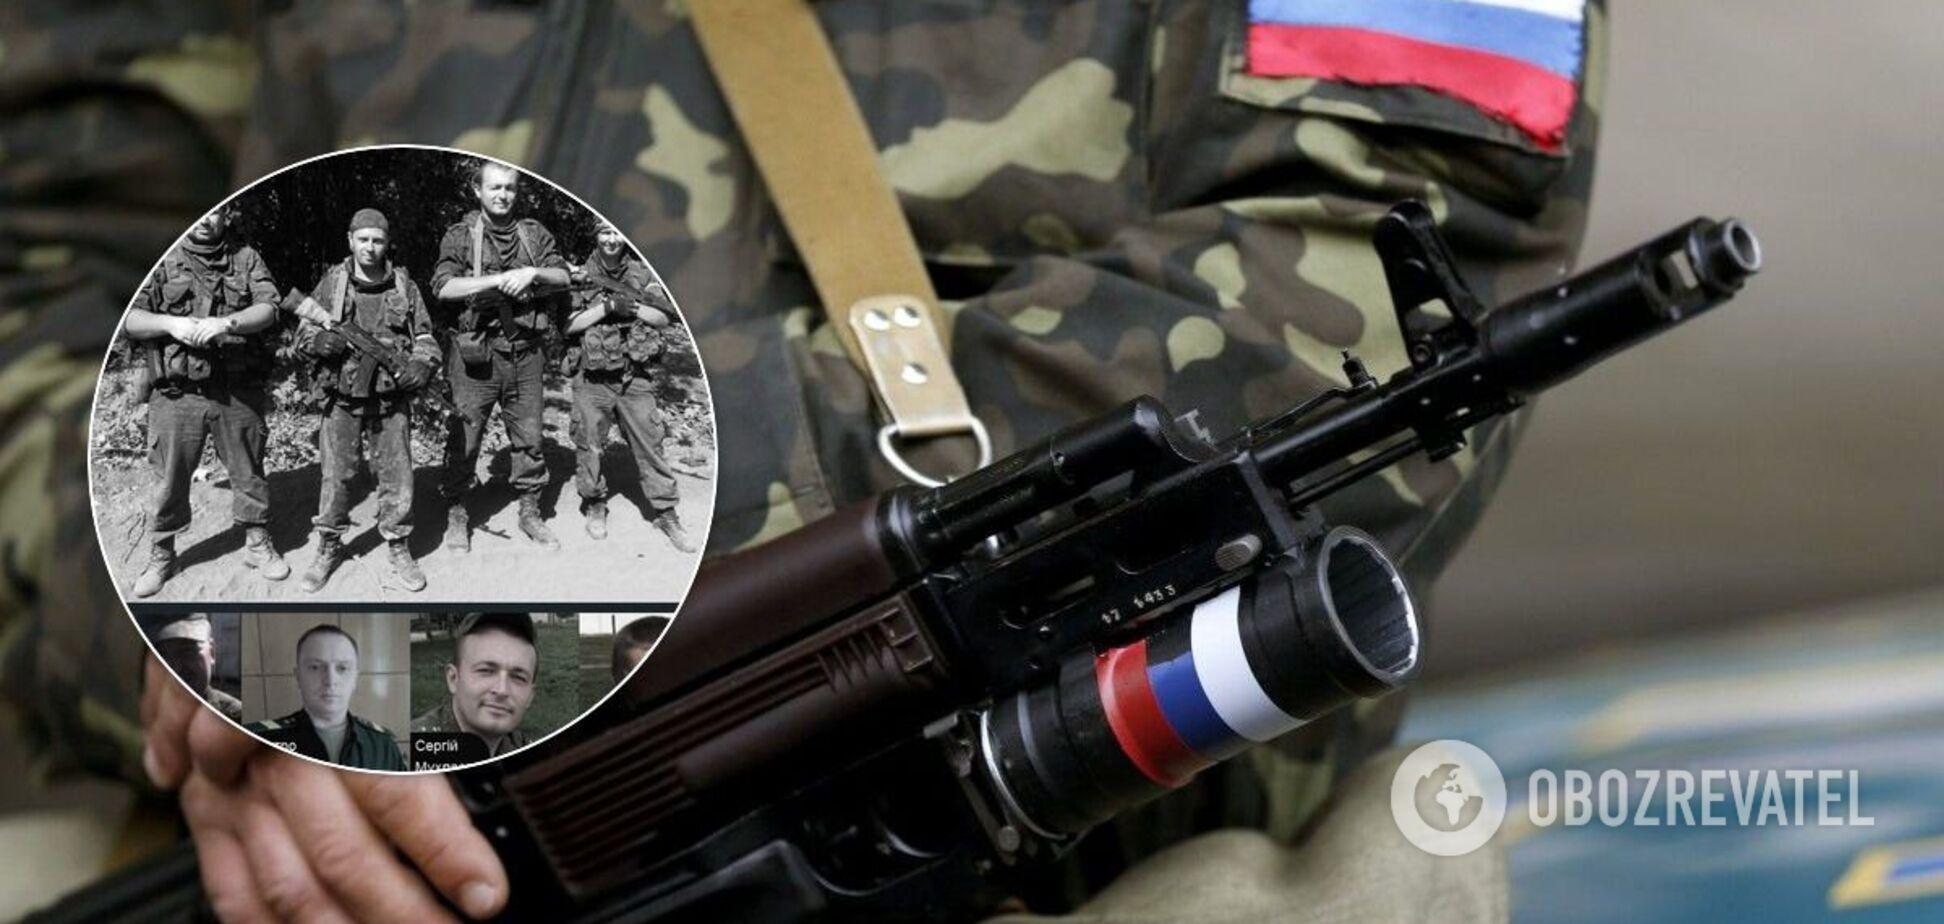 Идентифицированы солдаты РФ, воевавшие на Донбассе